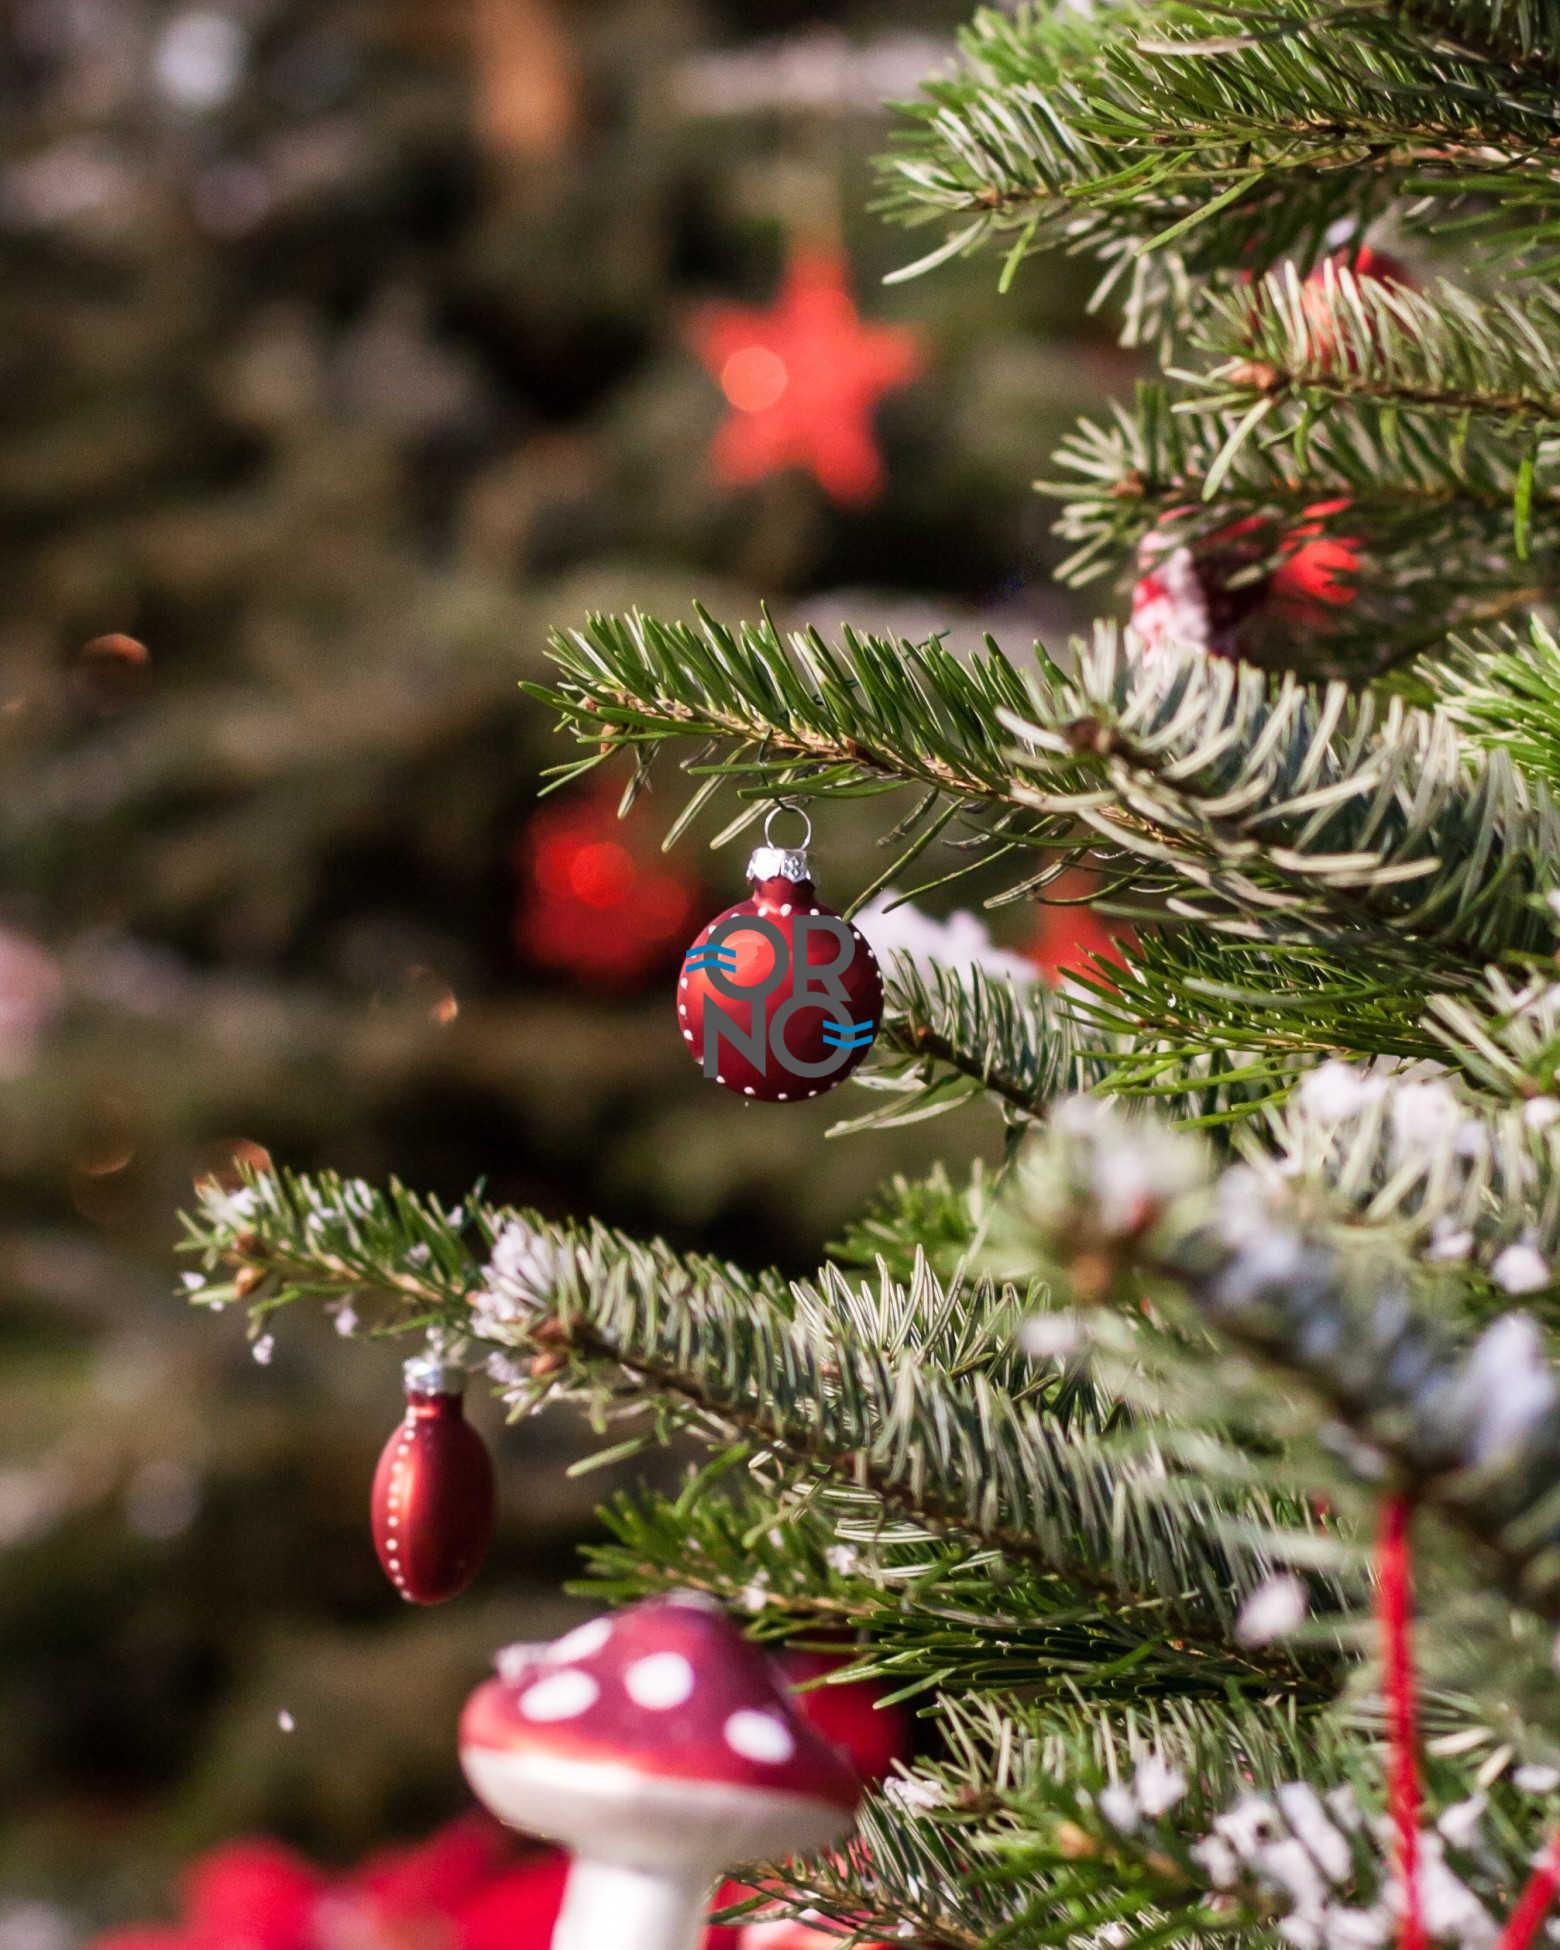 Manque d'idées pour Noël? Offrez des Orno!